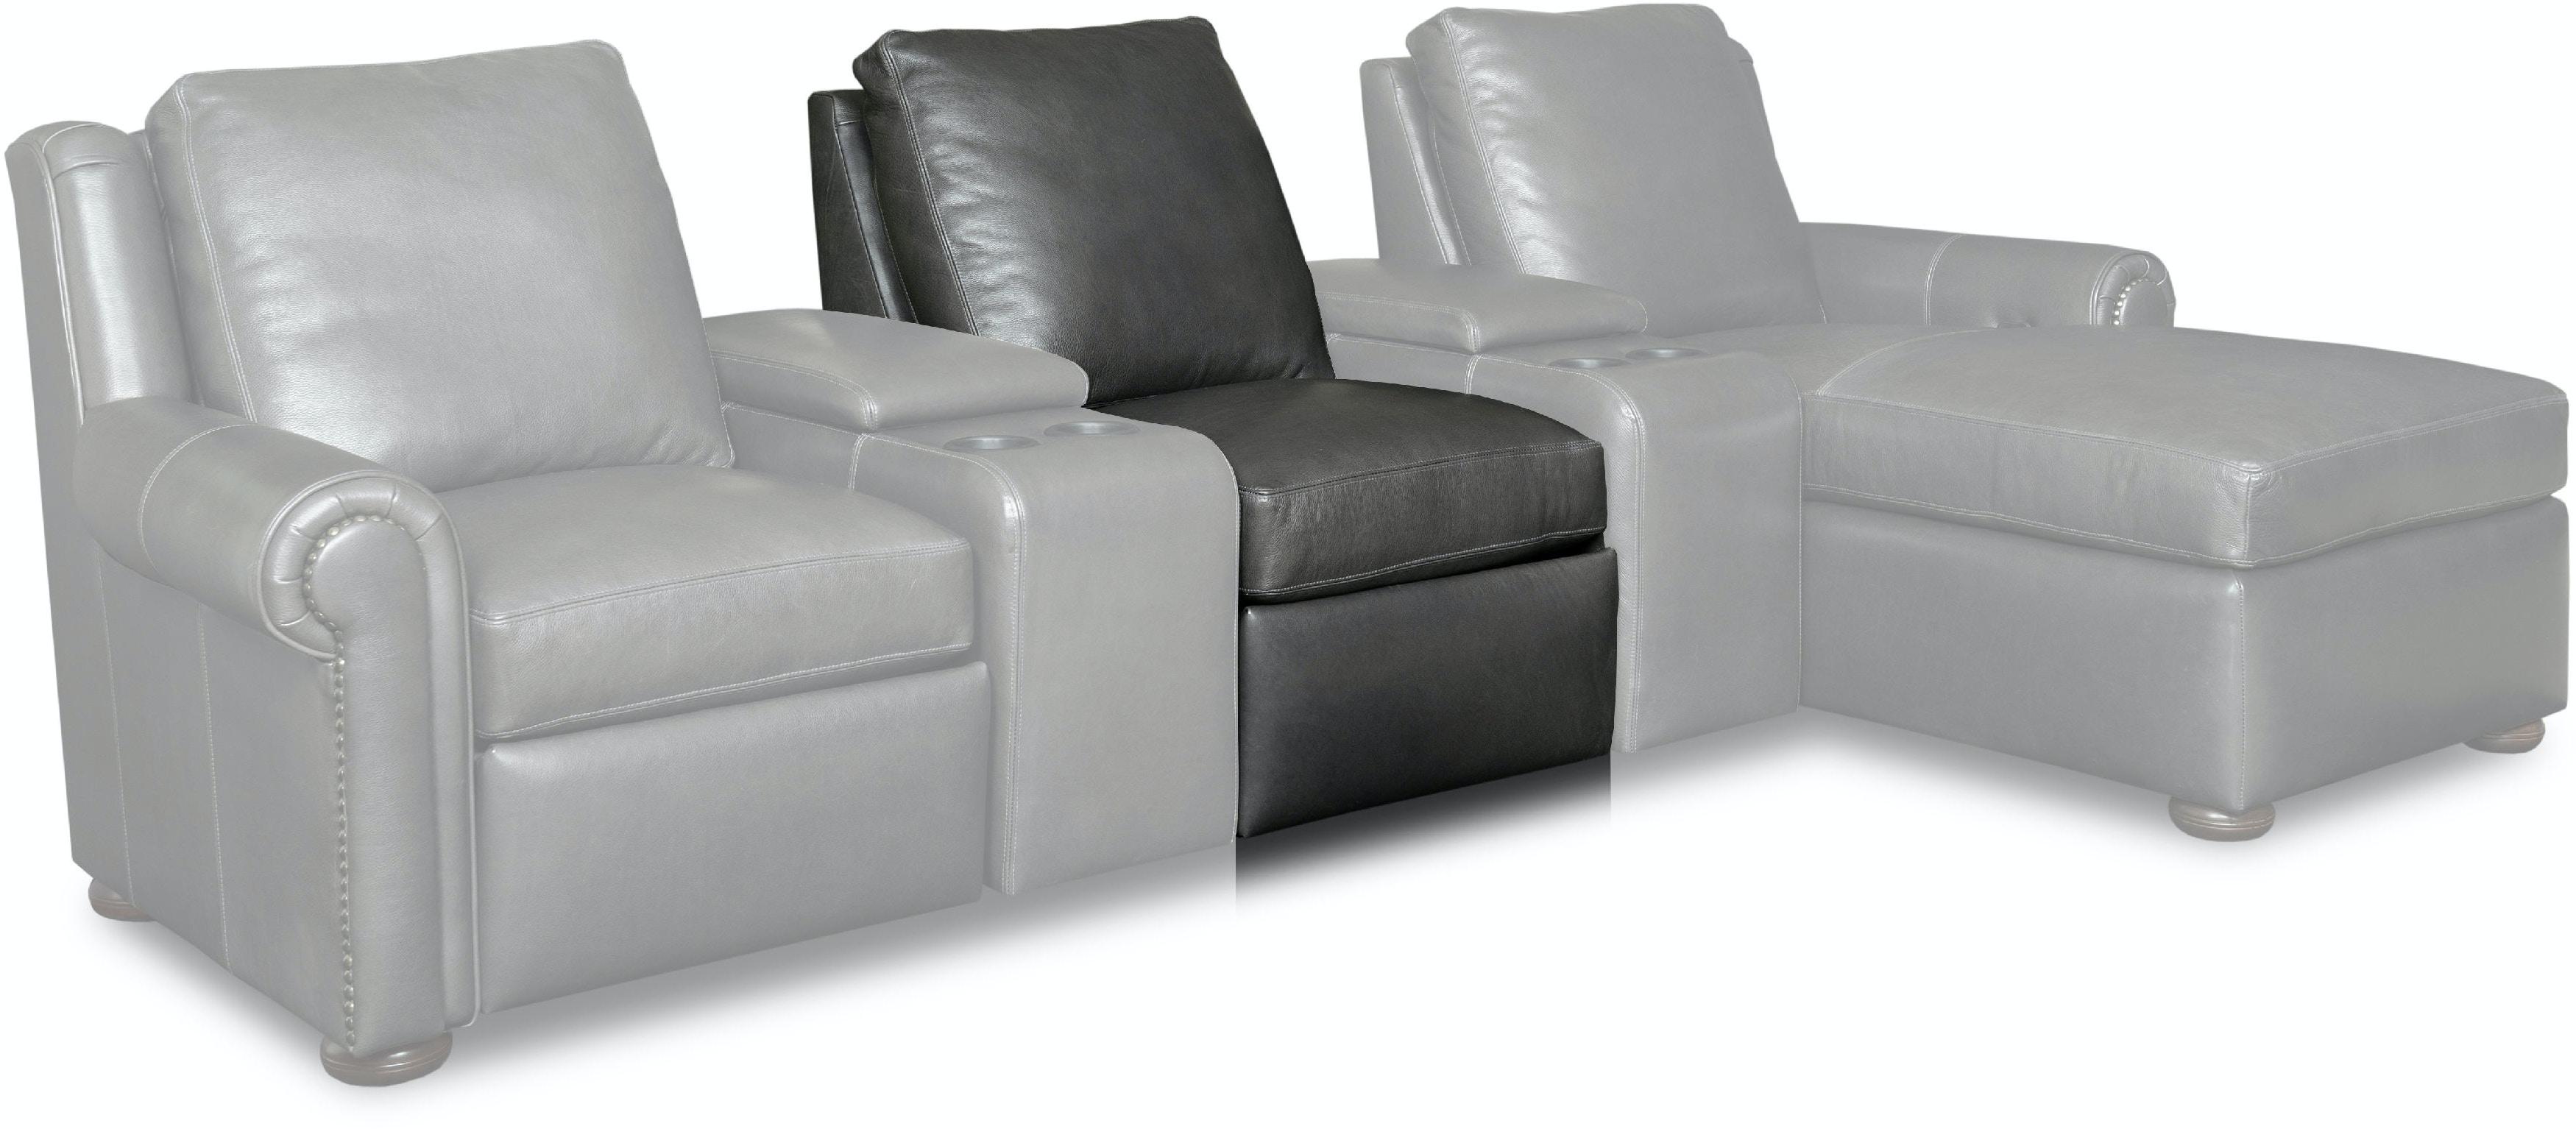 Bradington Young Living Room Whitaker Armless Chair 920 38